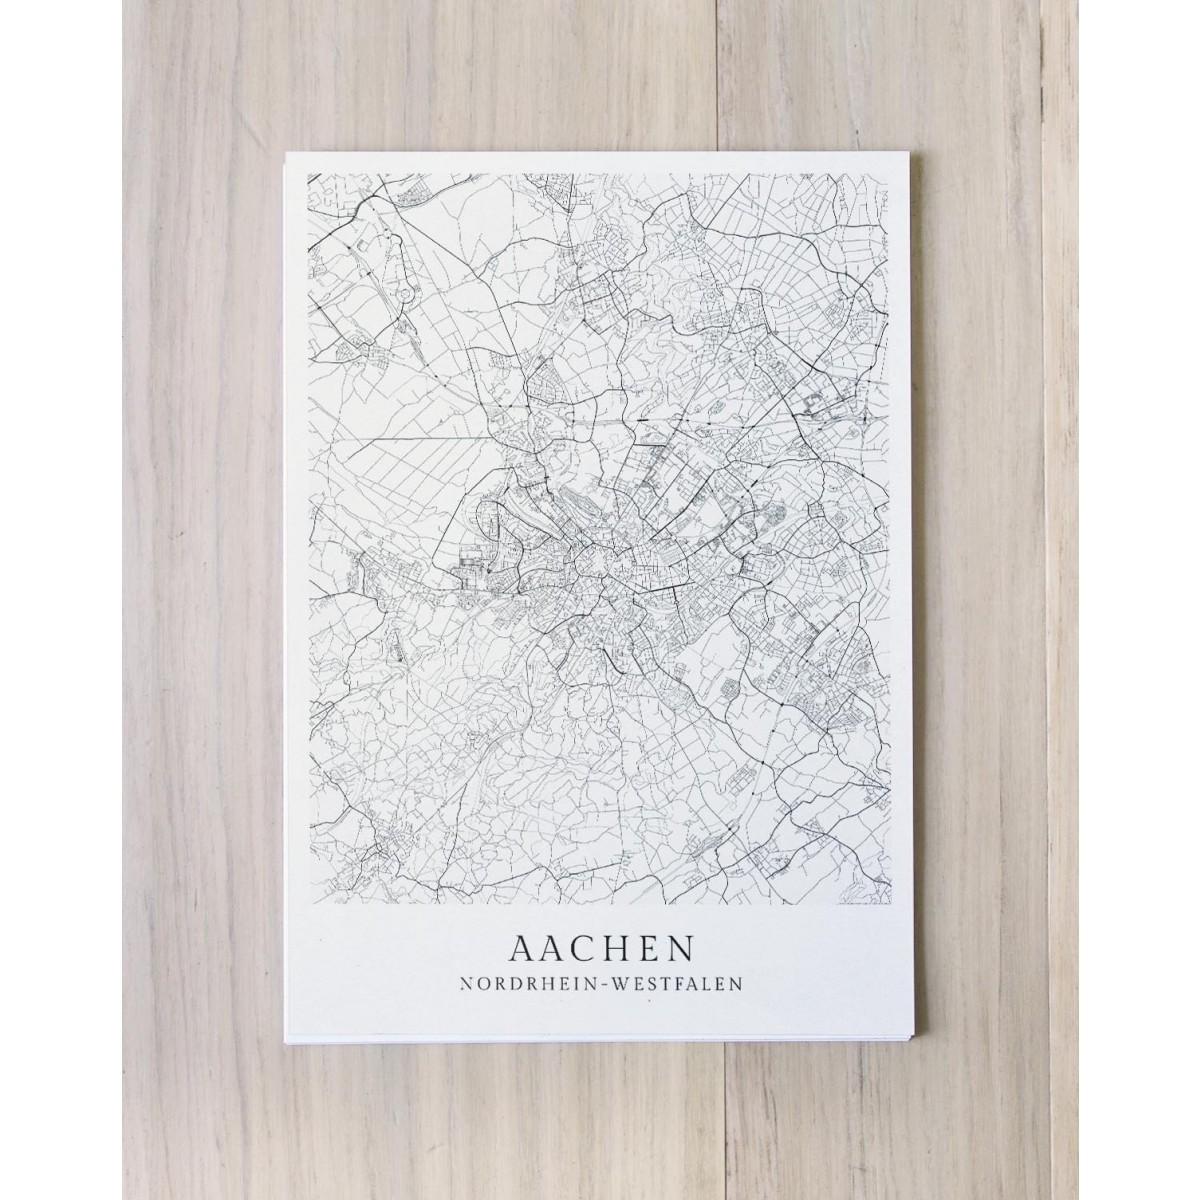 Karte AACHEN als Print im skandinavischen Stil von Skanemarie +++ Geschenkidee zu Weihnachten